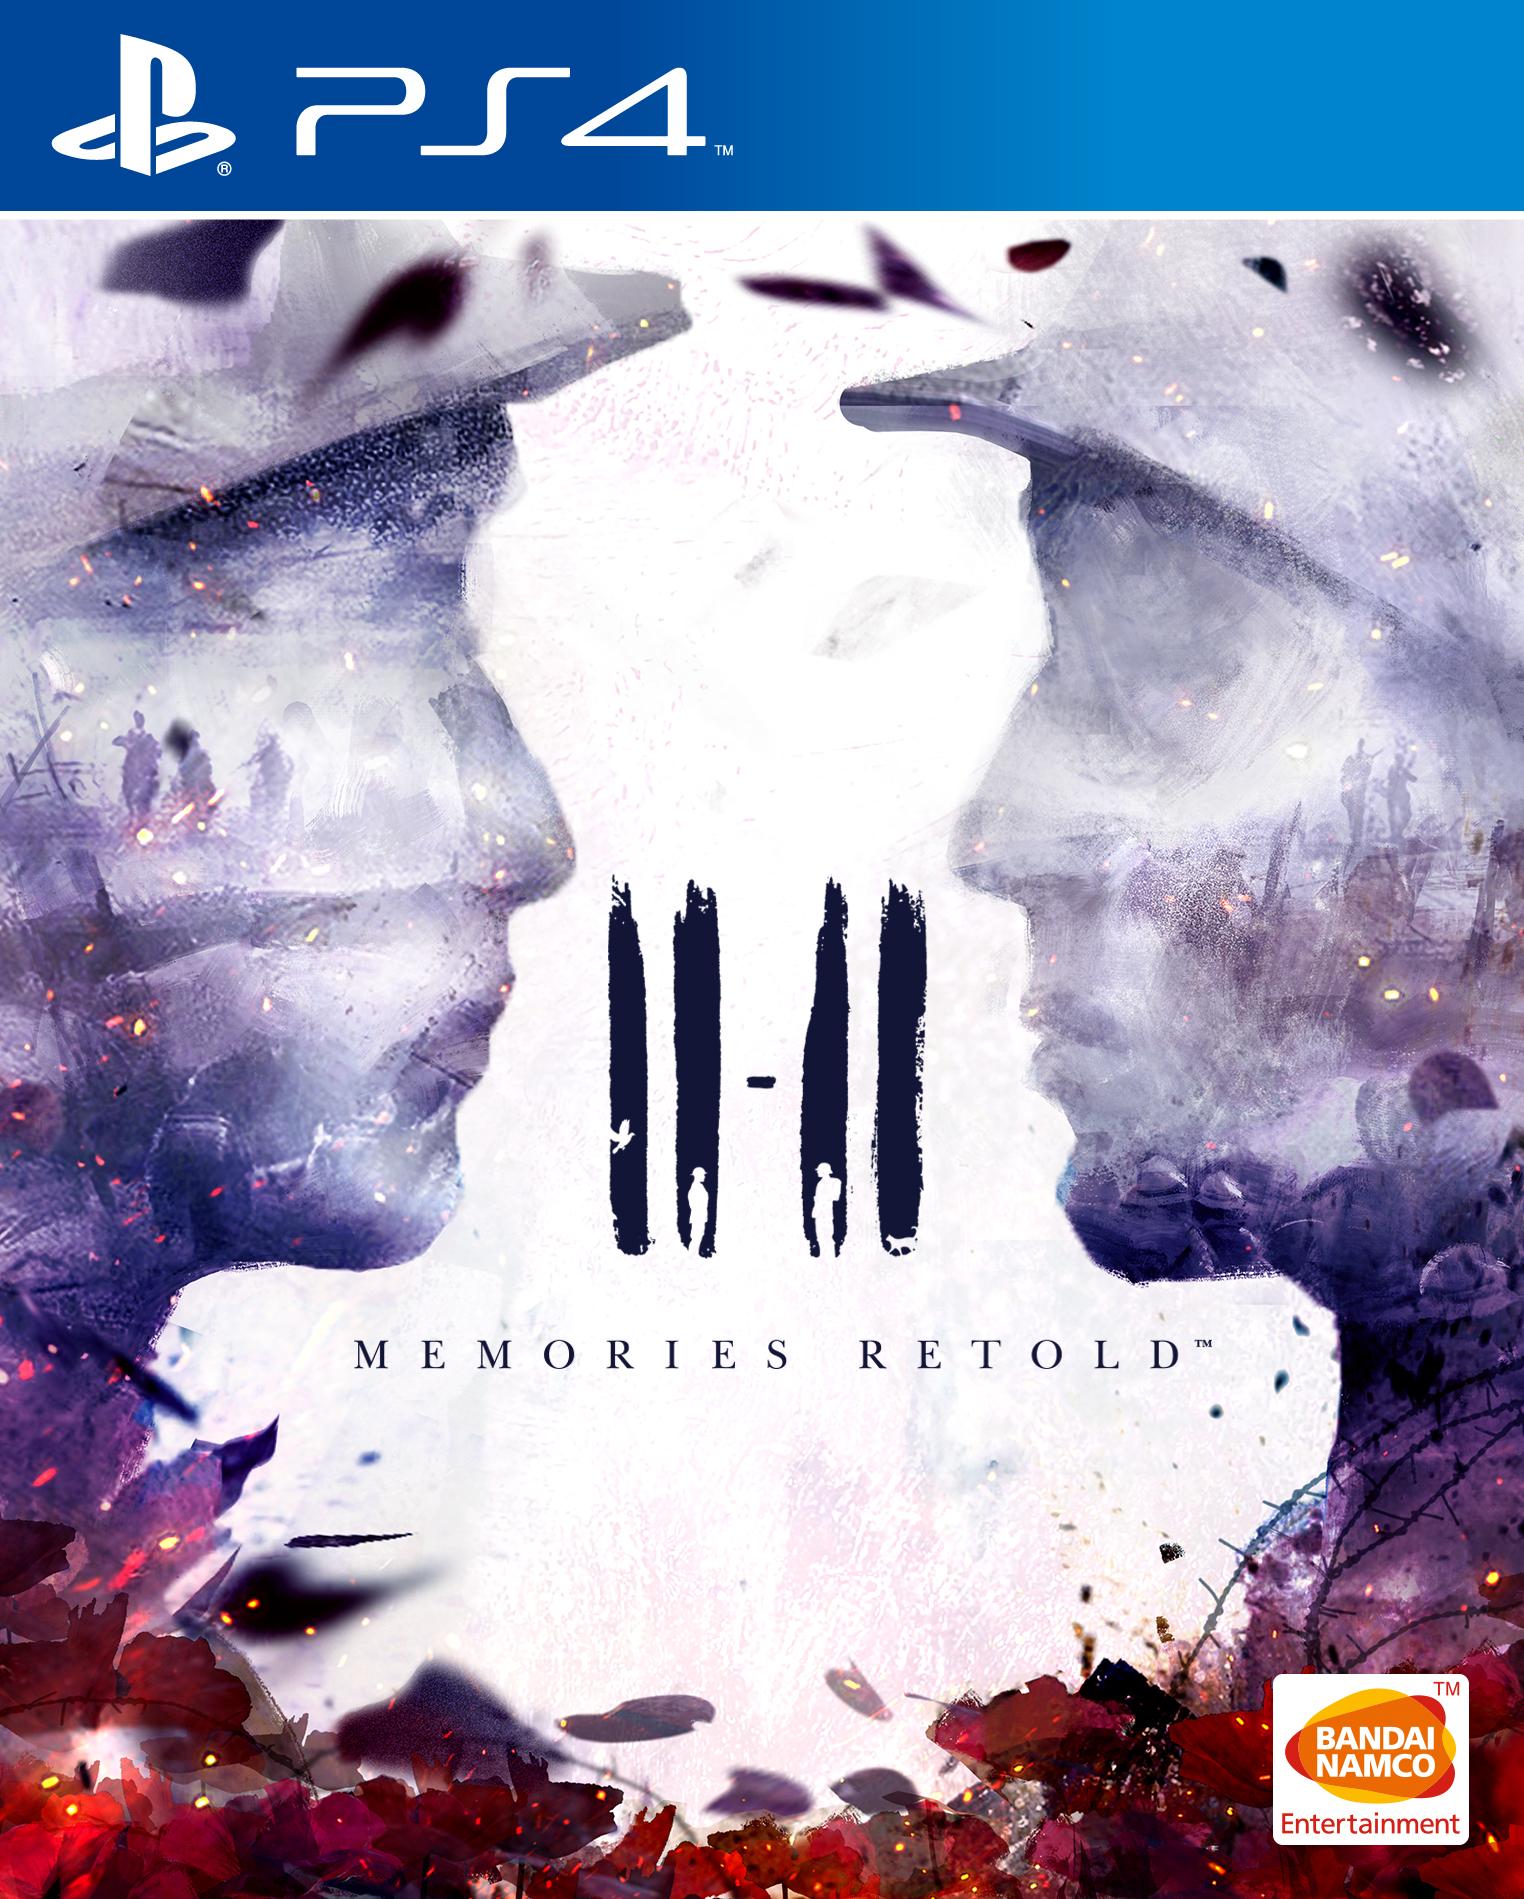 Бокс-арт (PS4) - 11-11: Memories Retold